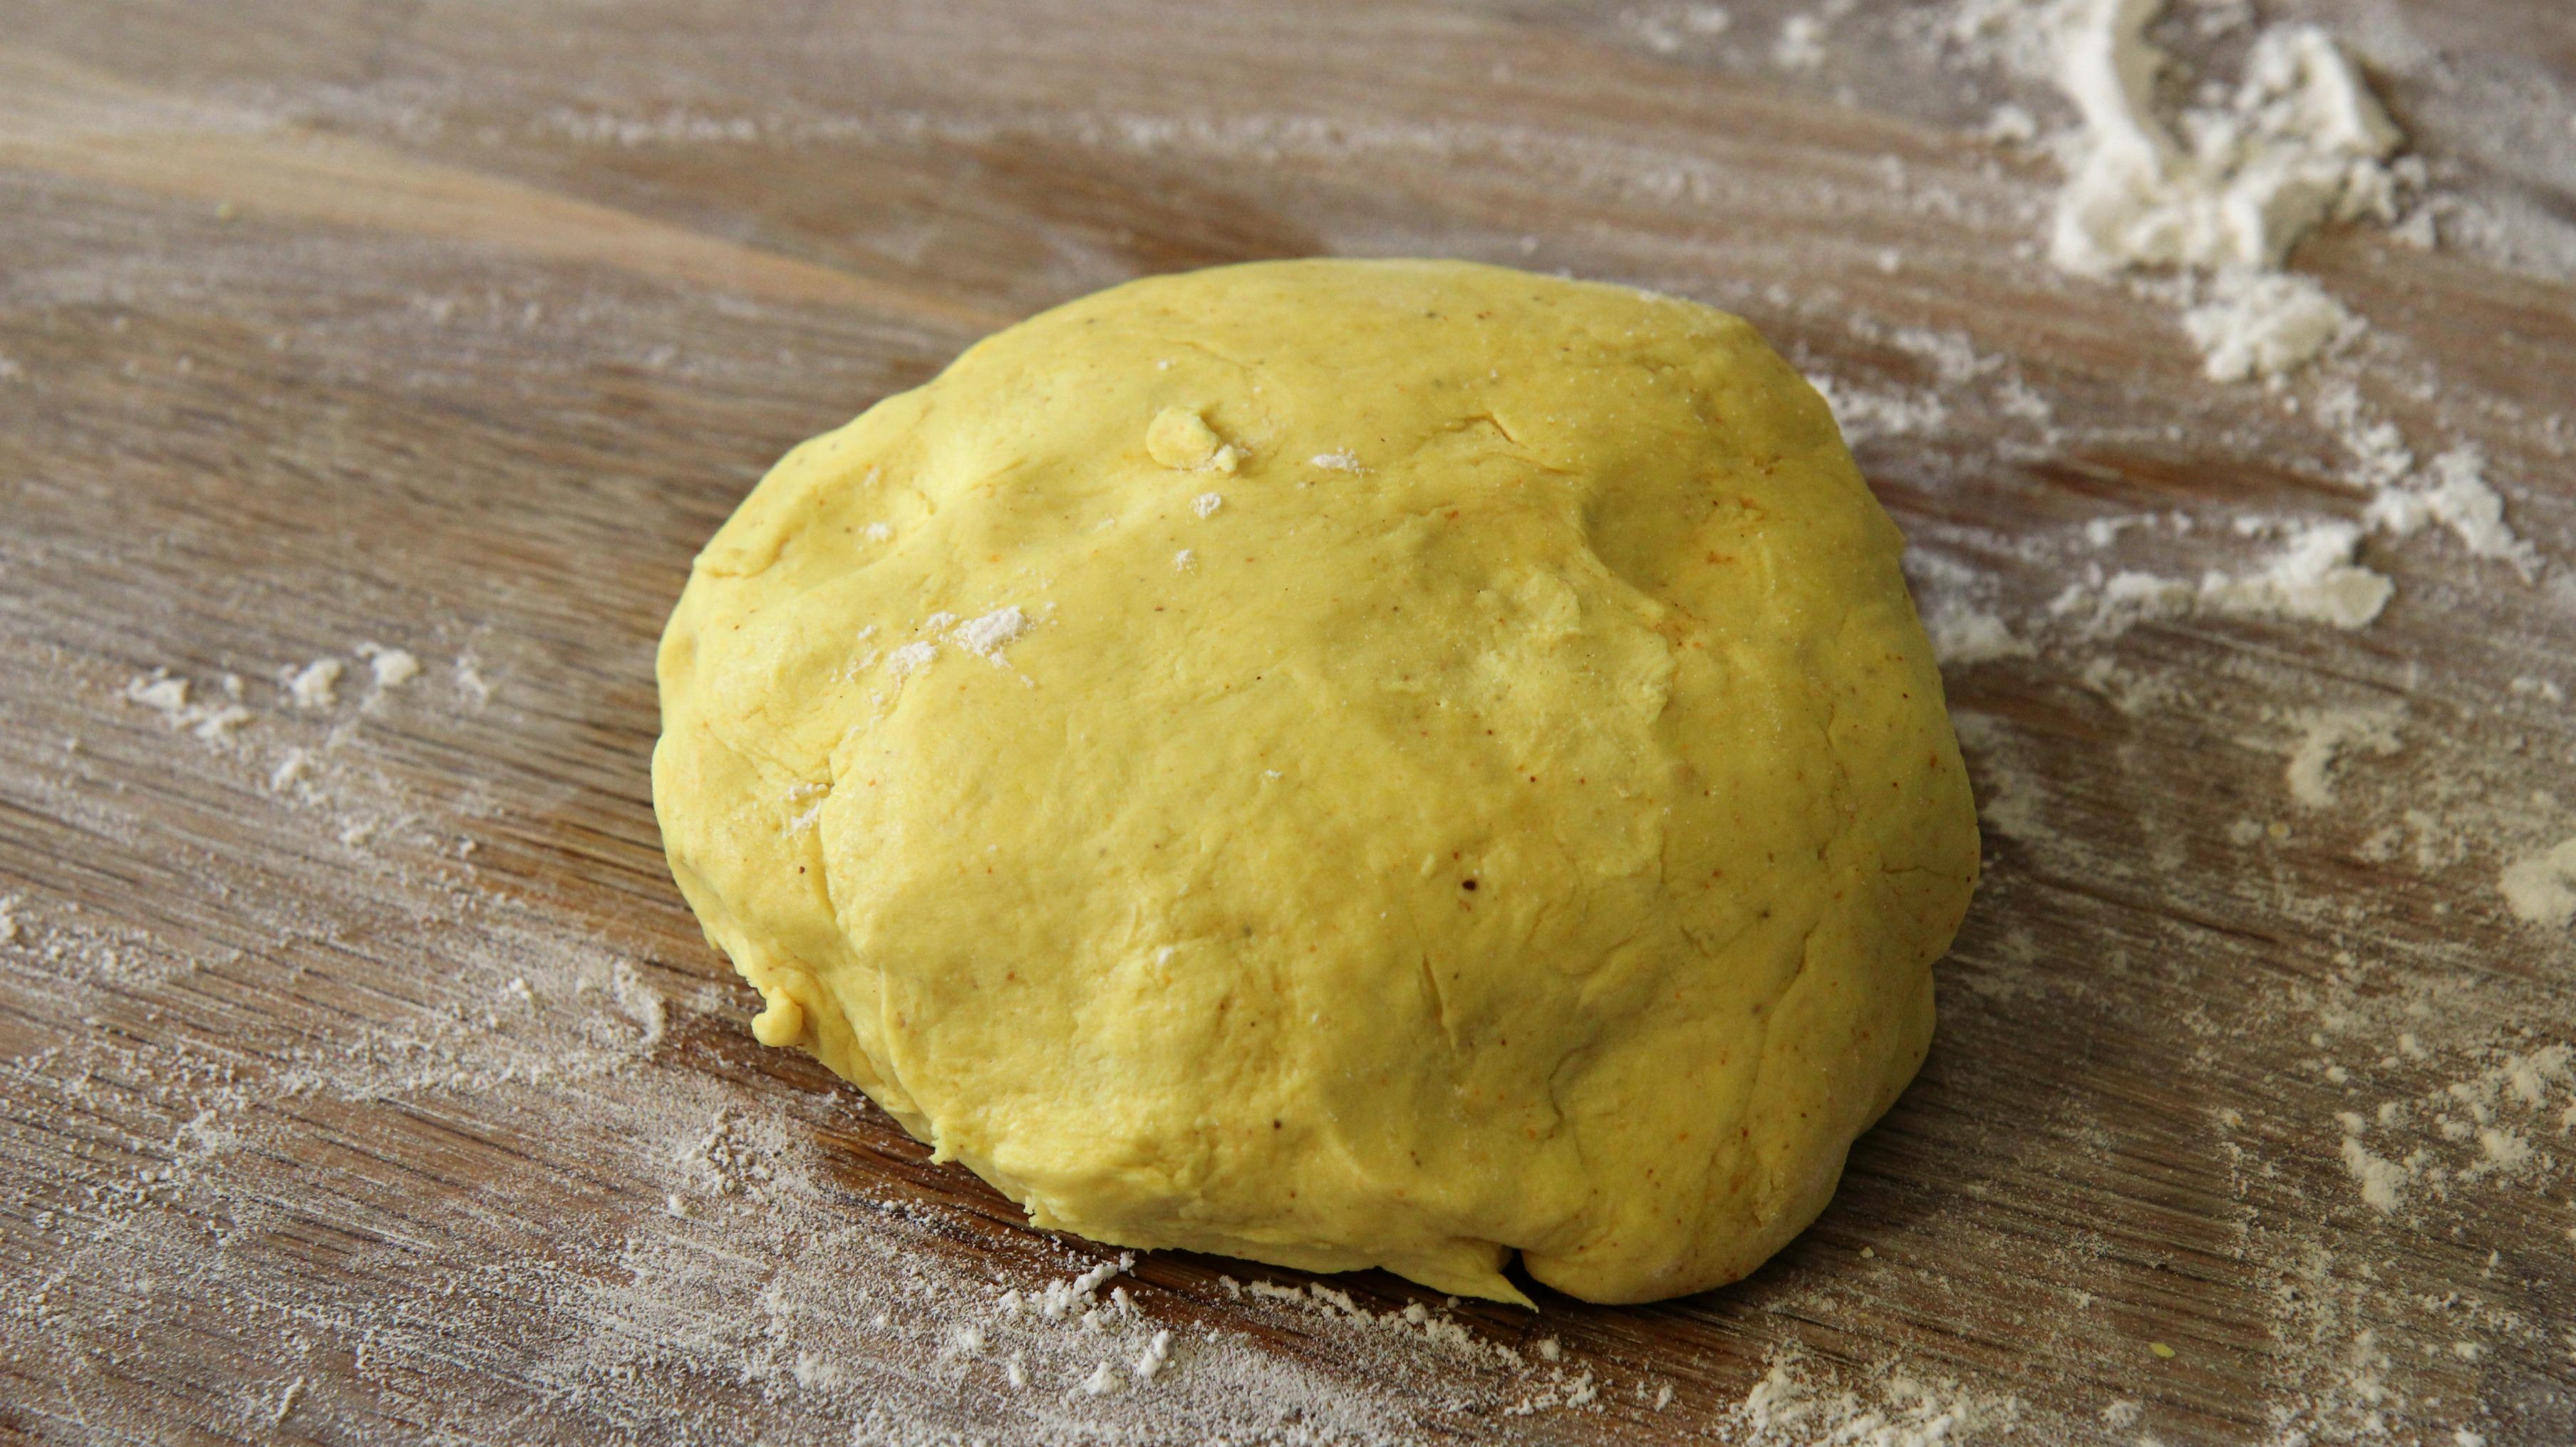 a ball of yellow dough.